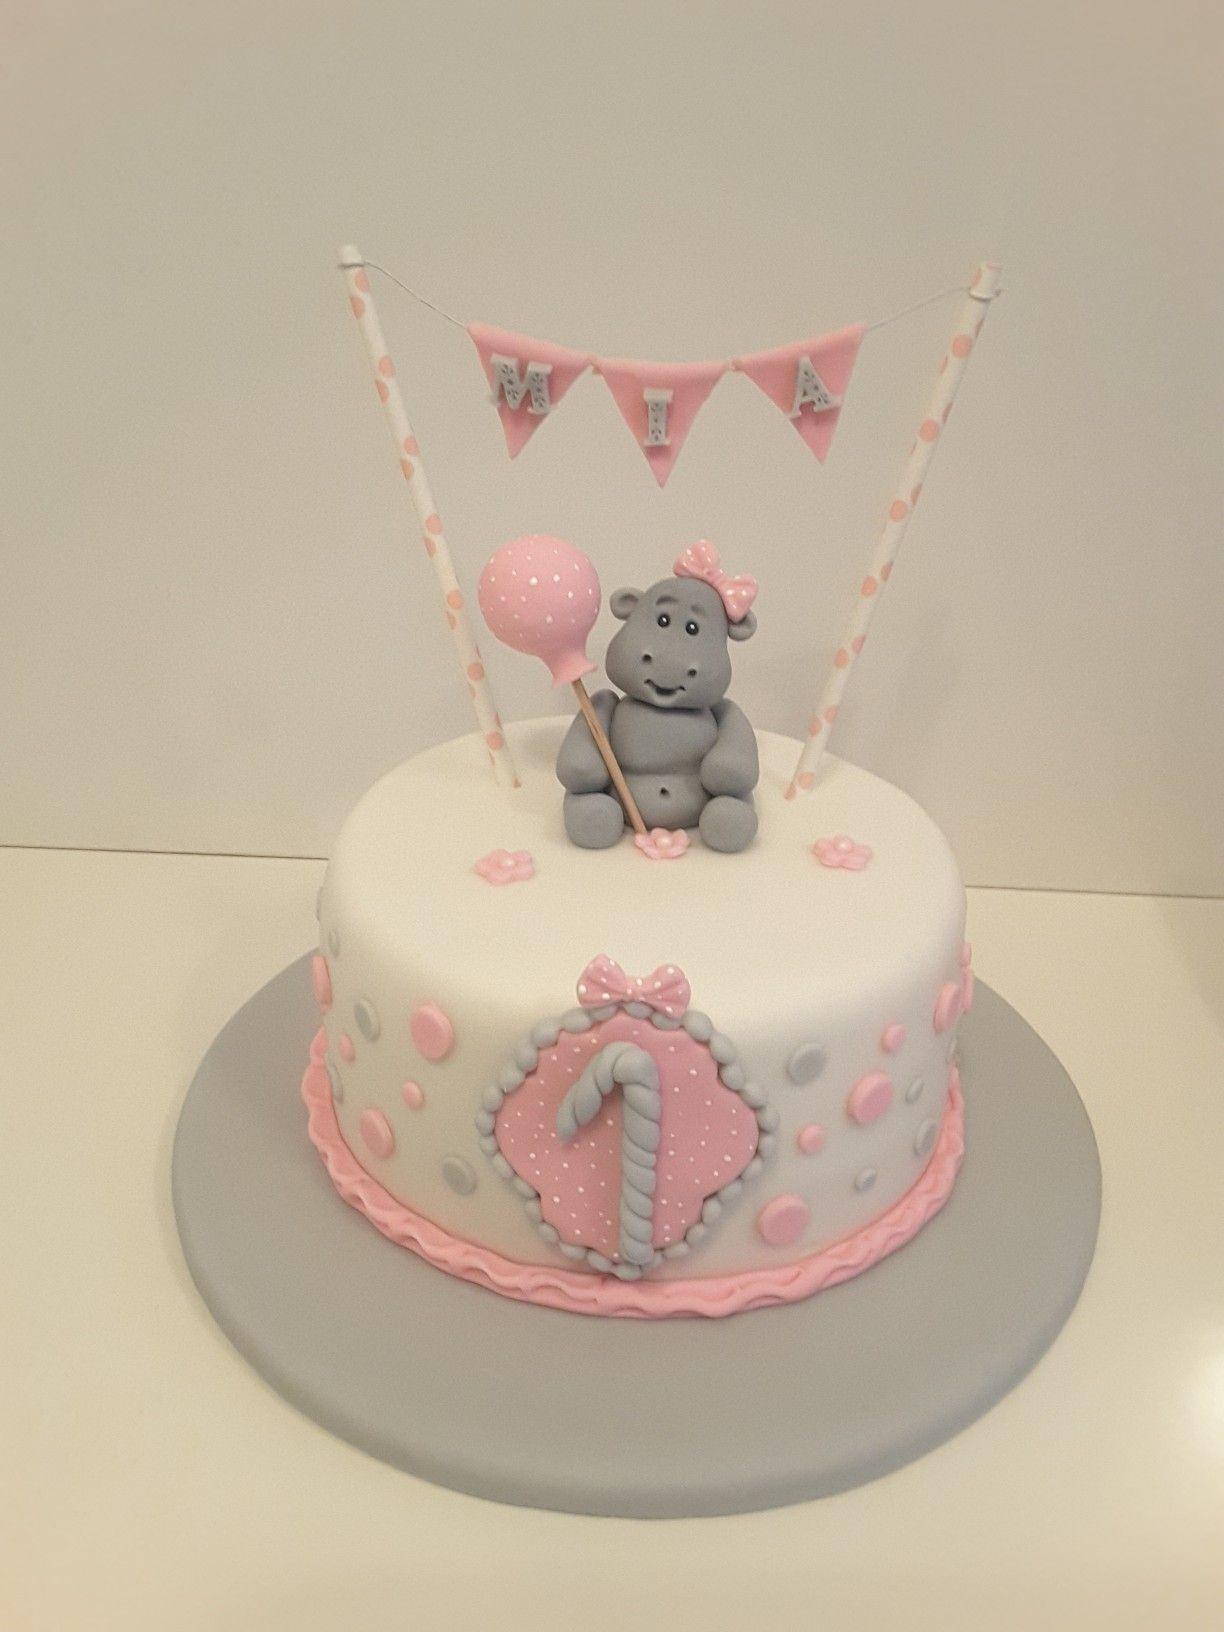 Kindertorte 1. Geburtstag (Mit Bildern) | Torte 1 mit Geburtstagskuchen Zum 1 Geburtstag